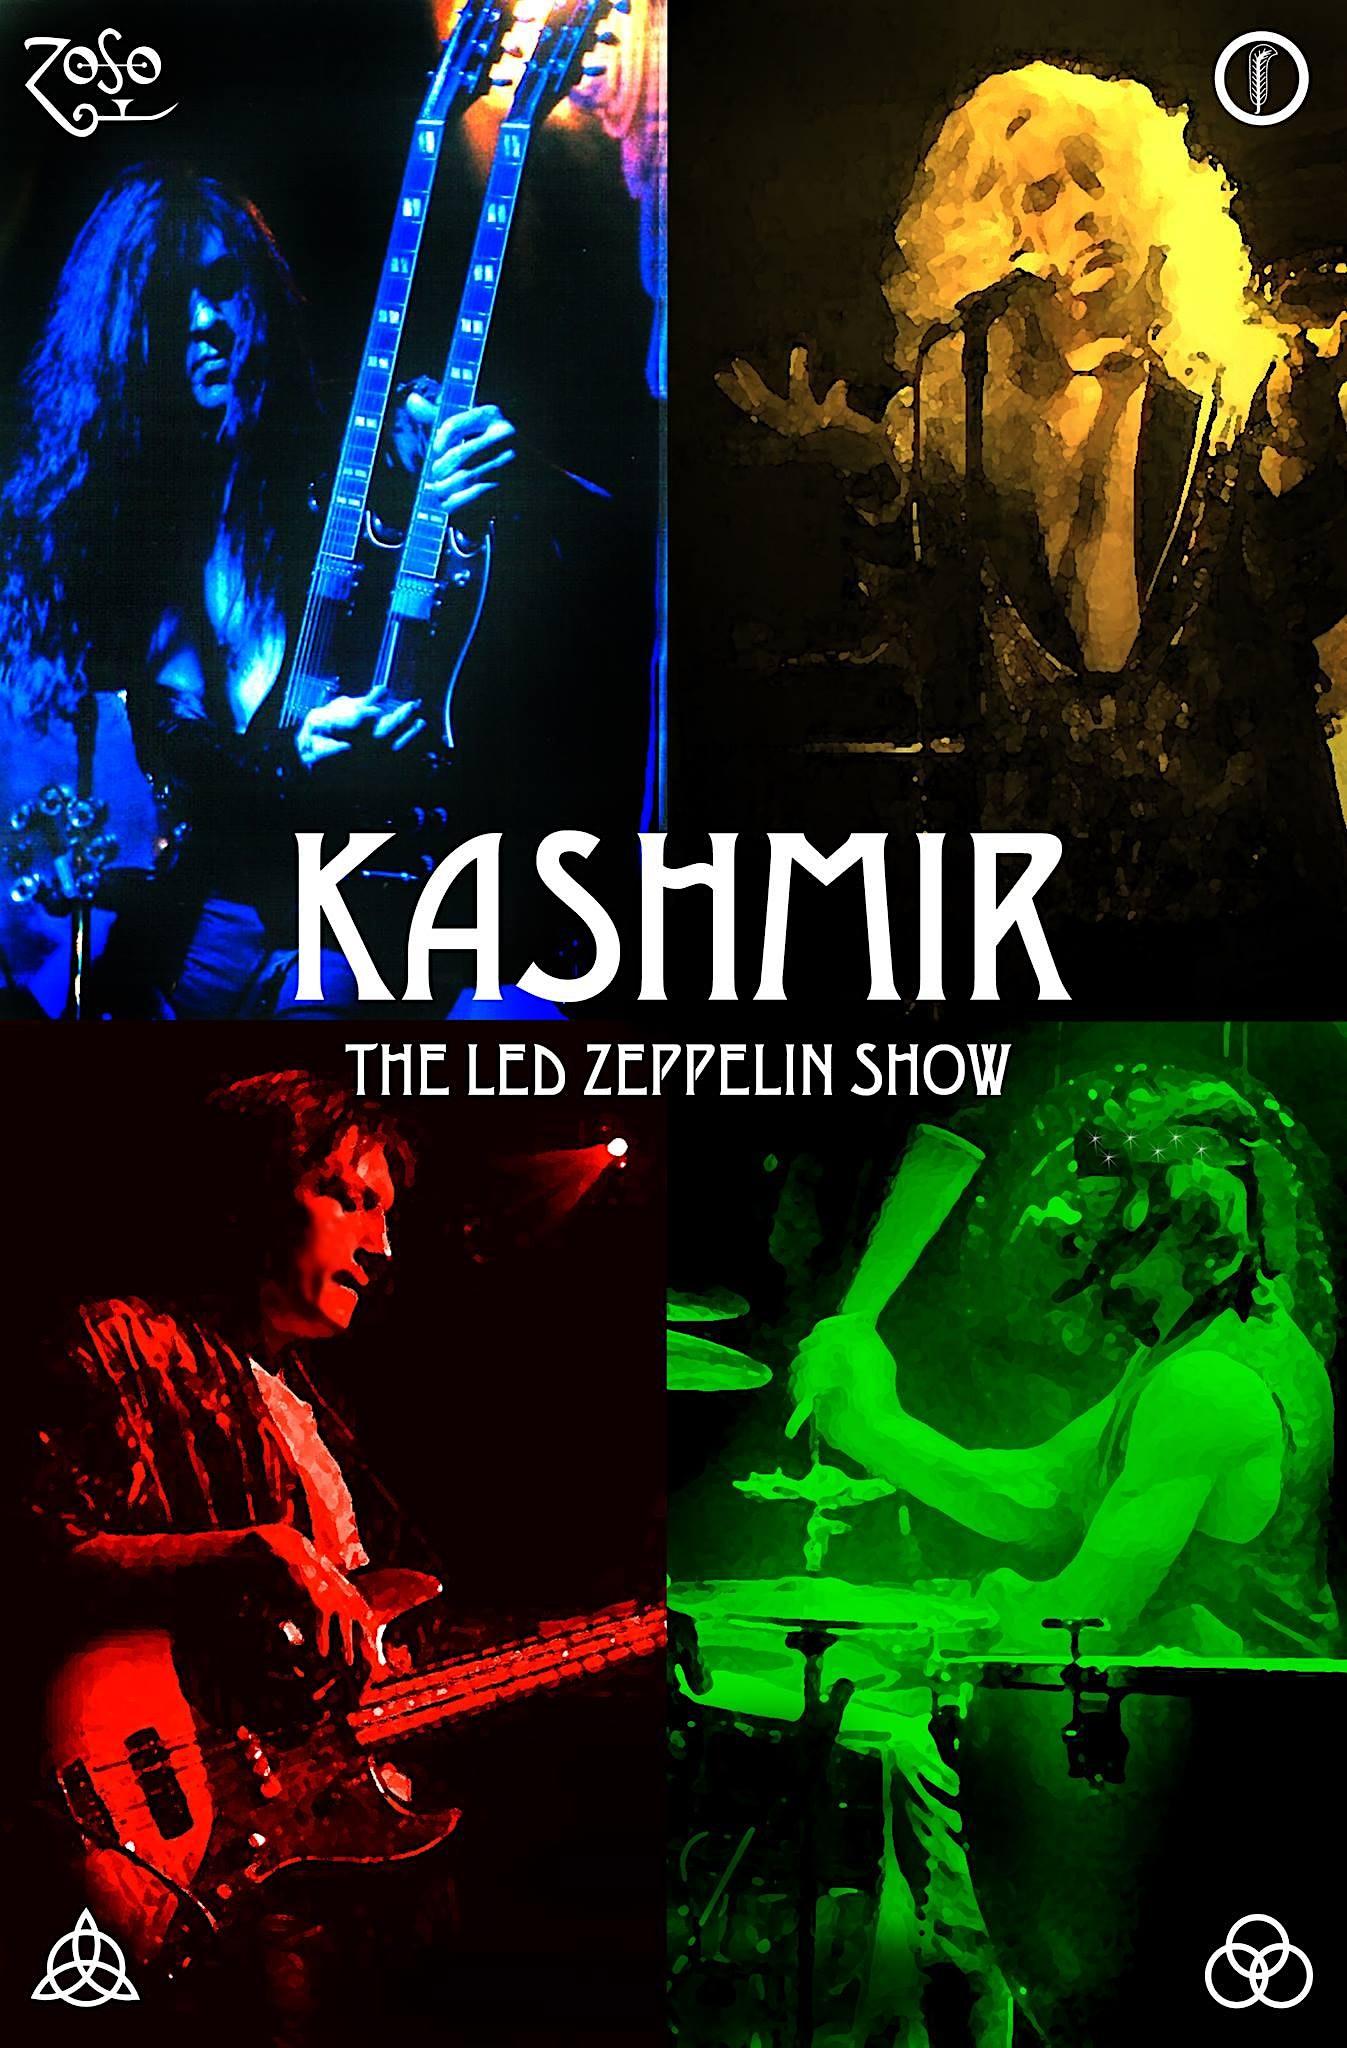 Kashmir a Led Zeppelin Show at the Park Theatre